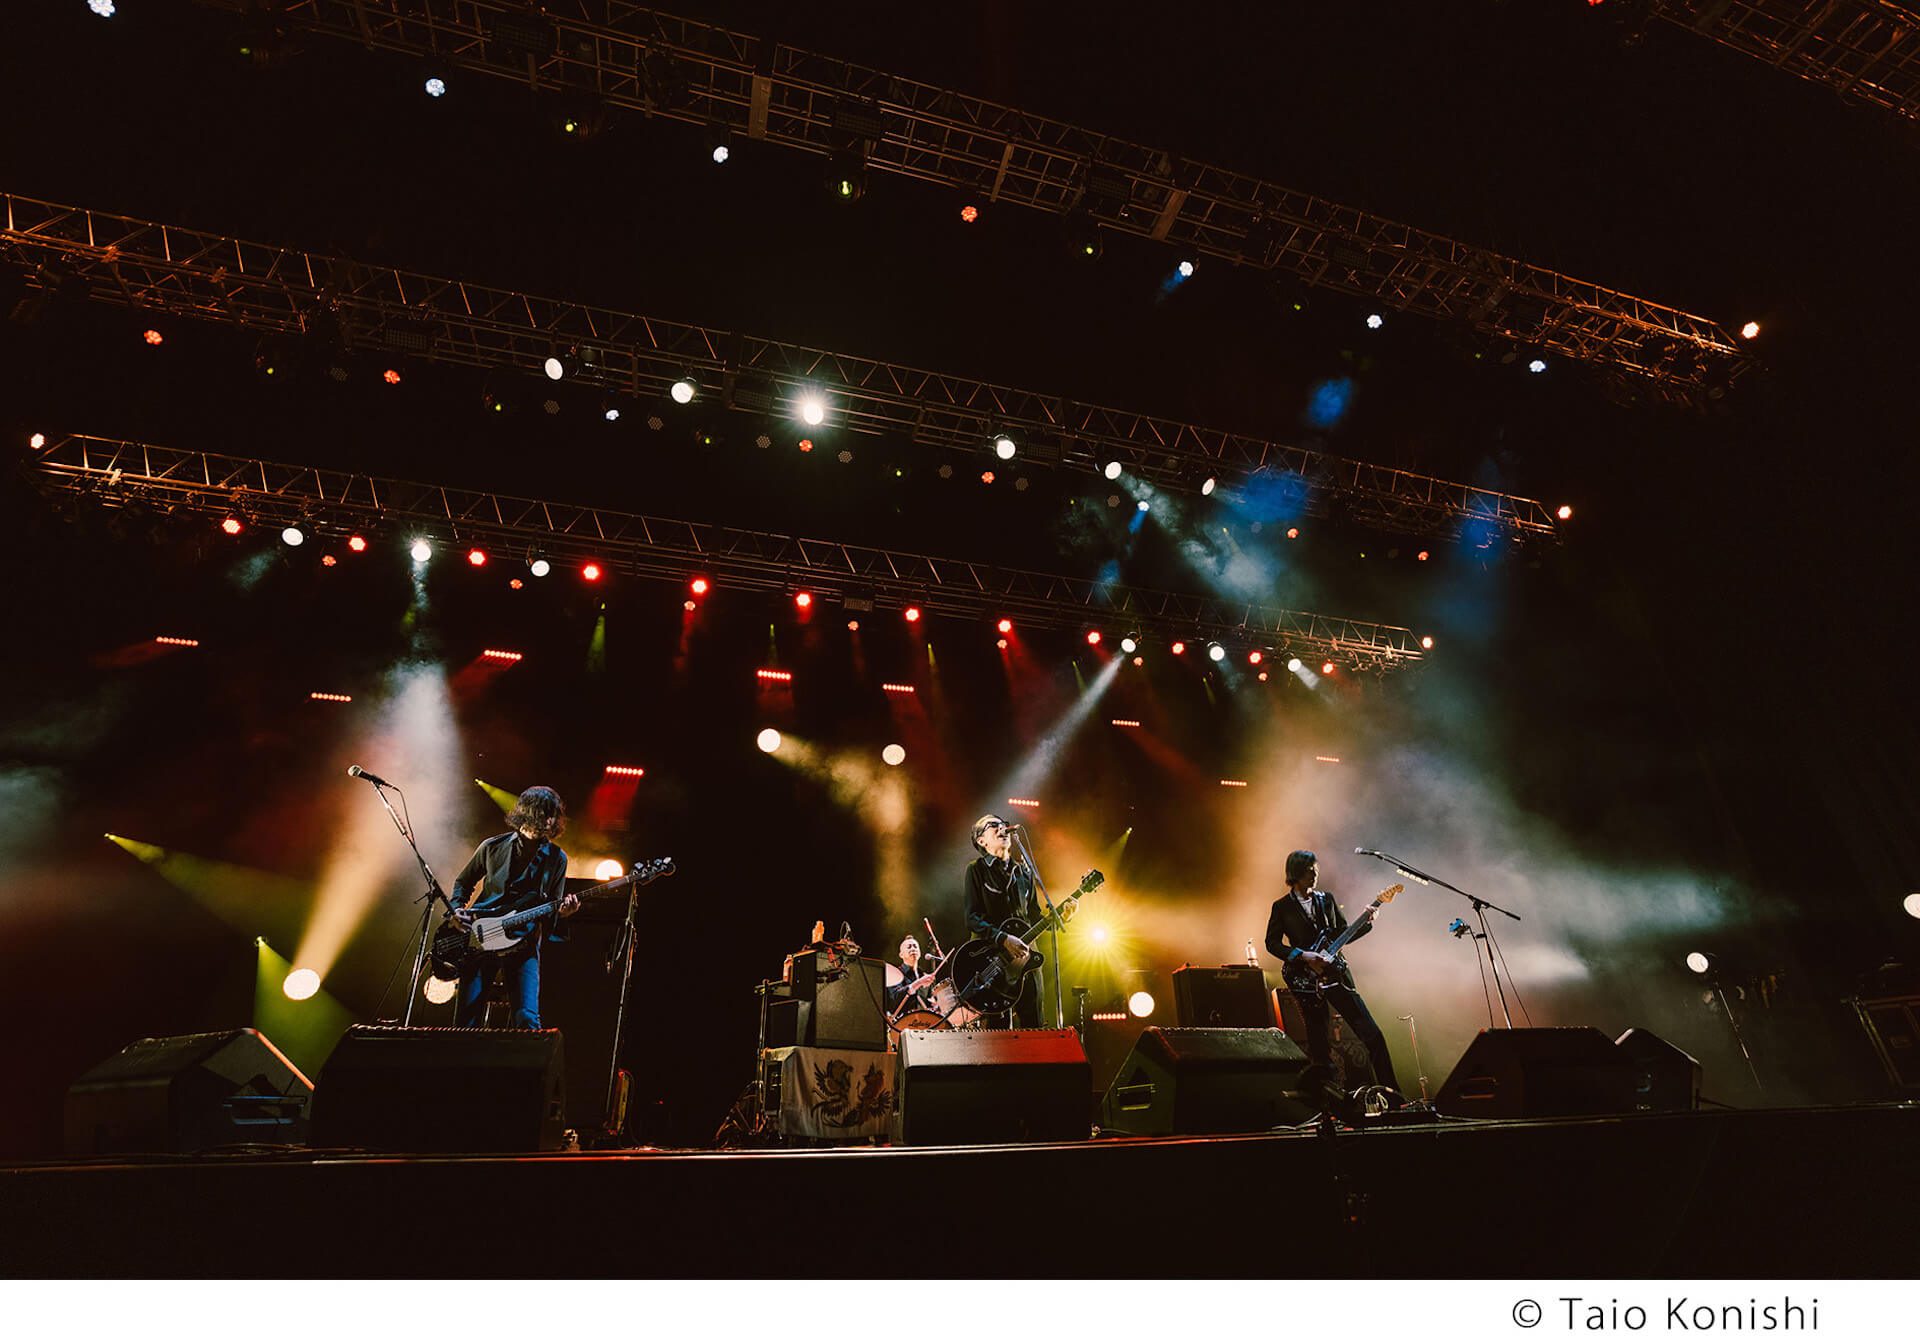 折坂悠太、カネコアヤノ、PUNPEEらが熱演!<KEEP ON FUJI ROCKIN' II >のオフィシャルレポートが公開 music210107_fujirock-03